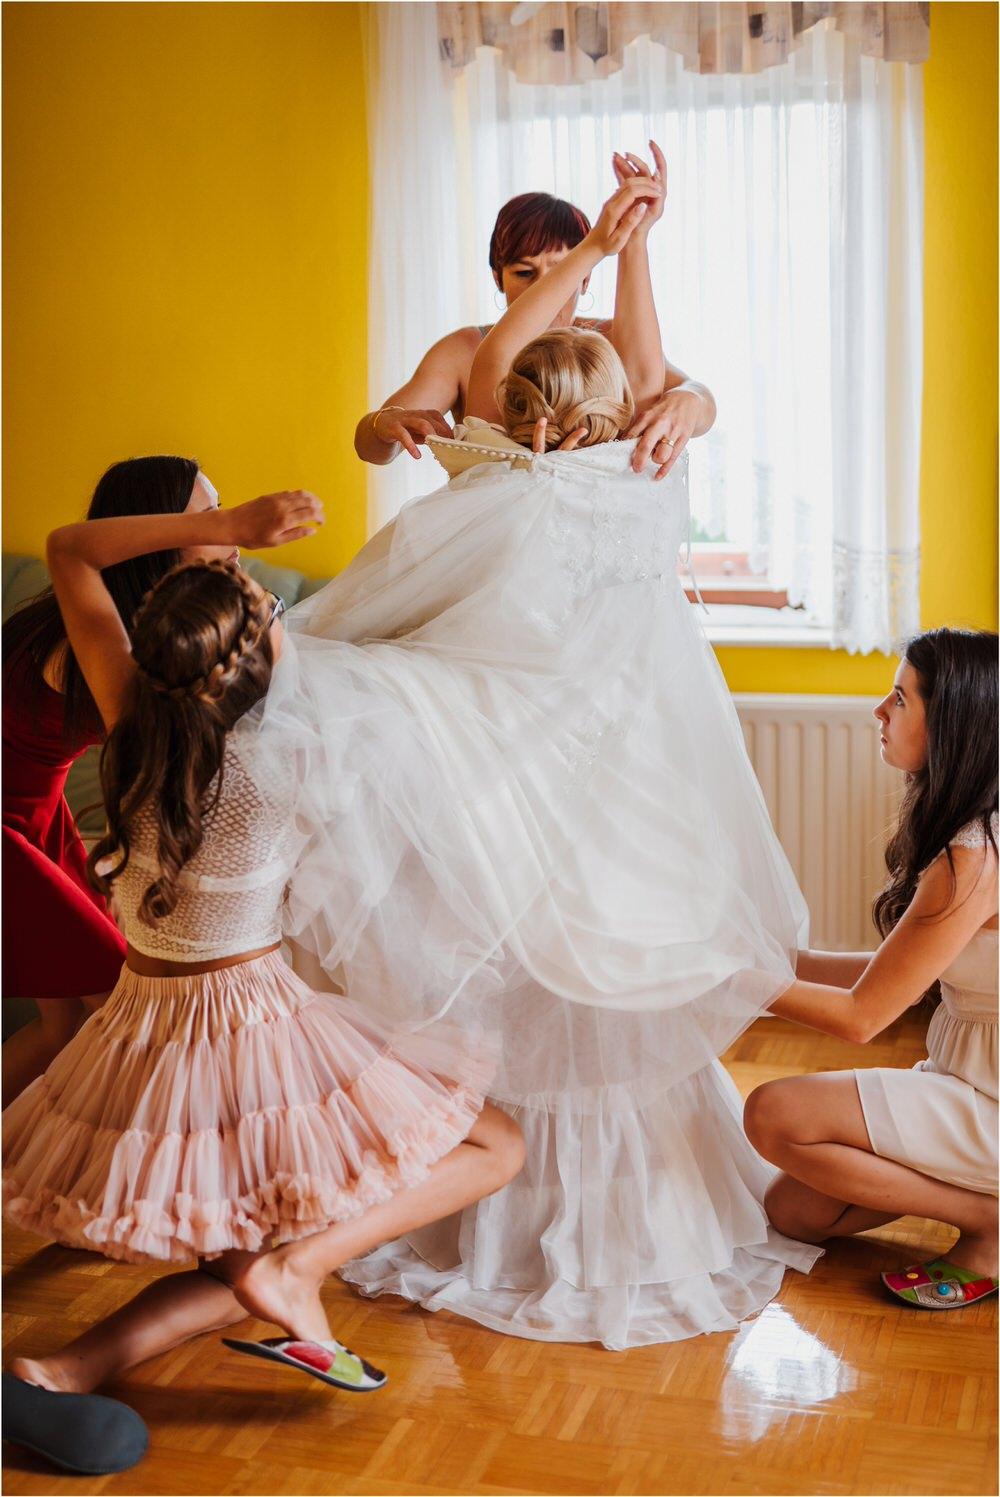 tuscany italy wedding photographer croatia austria france ireland lake bled engagement wedding porocni fotograf 0015.jpg